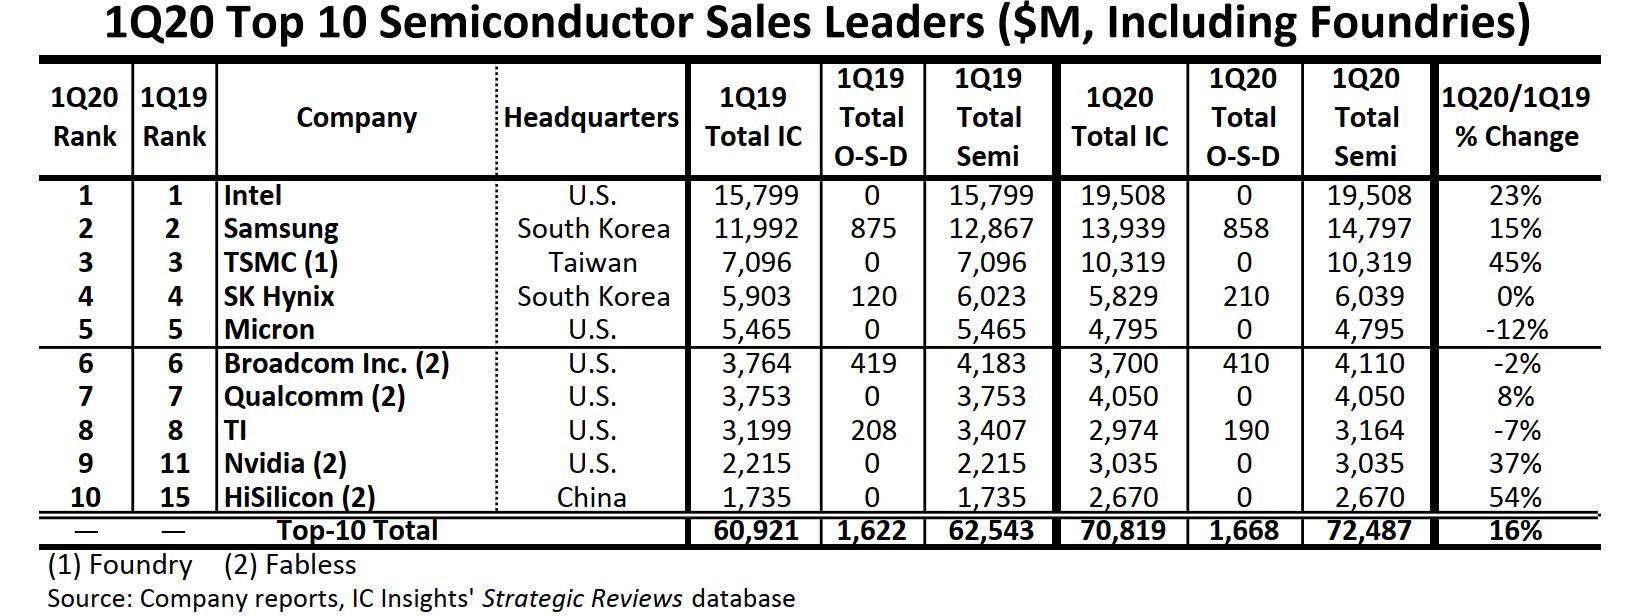 HiSilicon به عنوان بازوی طراحی نیمههادی شرکت هوآوی، به عنوان اولین شرکت چینی تولیدکننده تراشه شناخته میشود که موفق شده در میان ۱۰ برند پرفروش نیمههادی در جهان قرار گیرد.